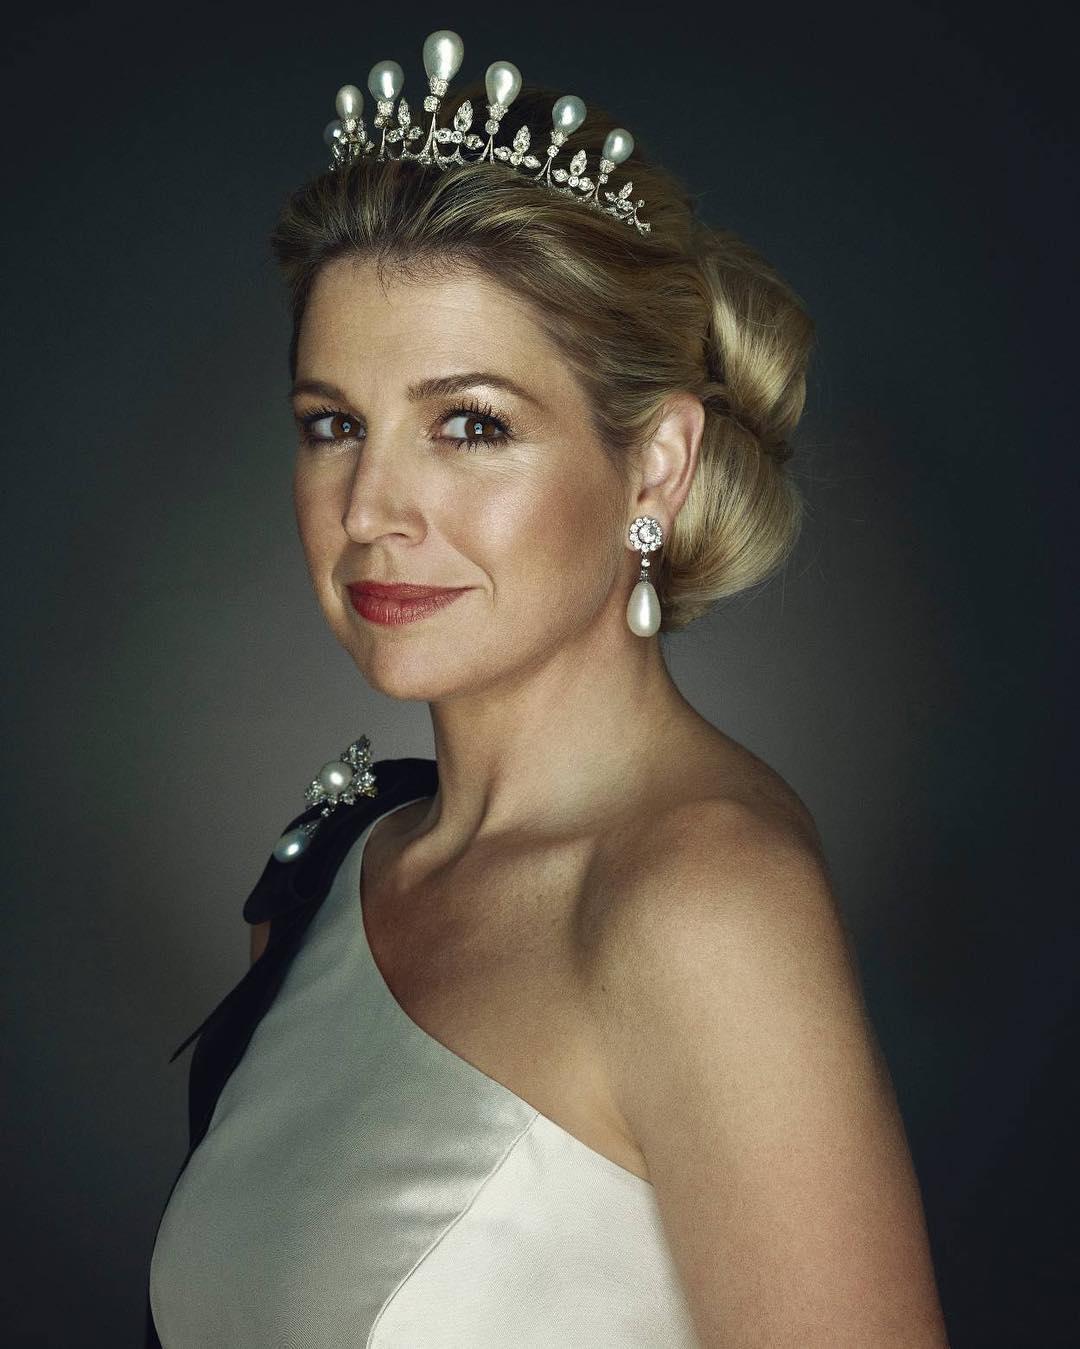 الملكة ماكسيما بطقم كامل من اللؤلؤ الأبيض